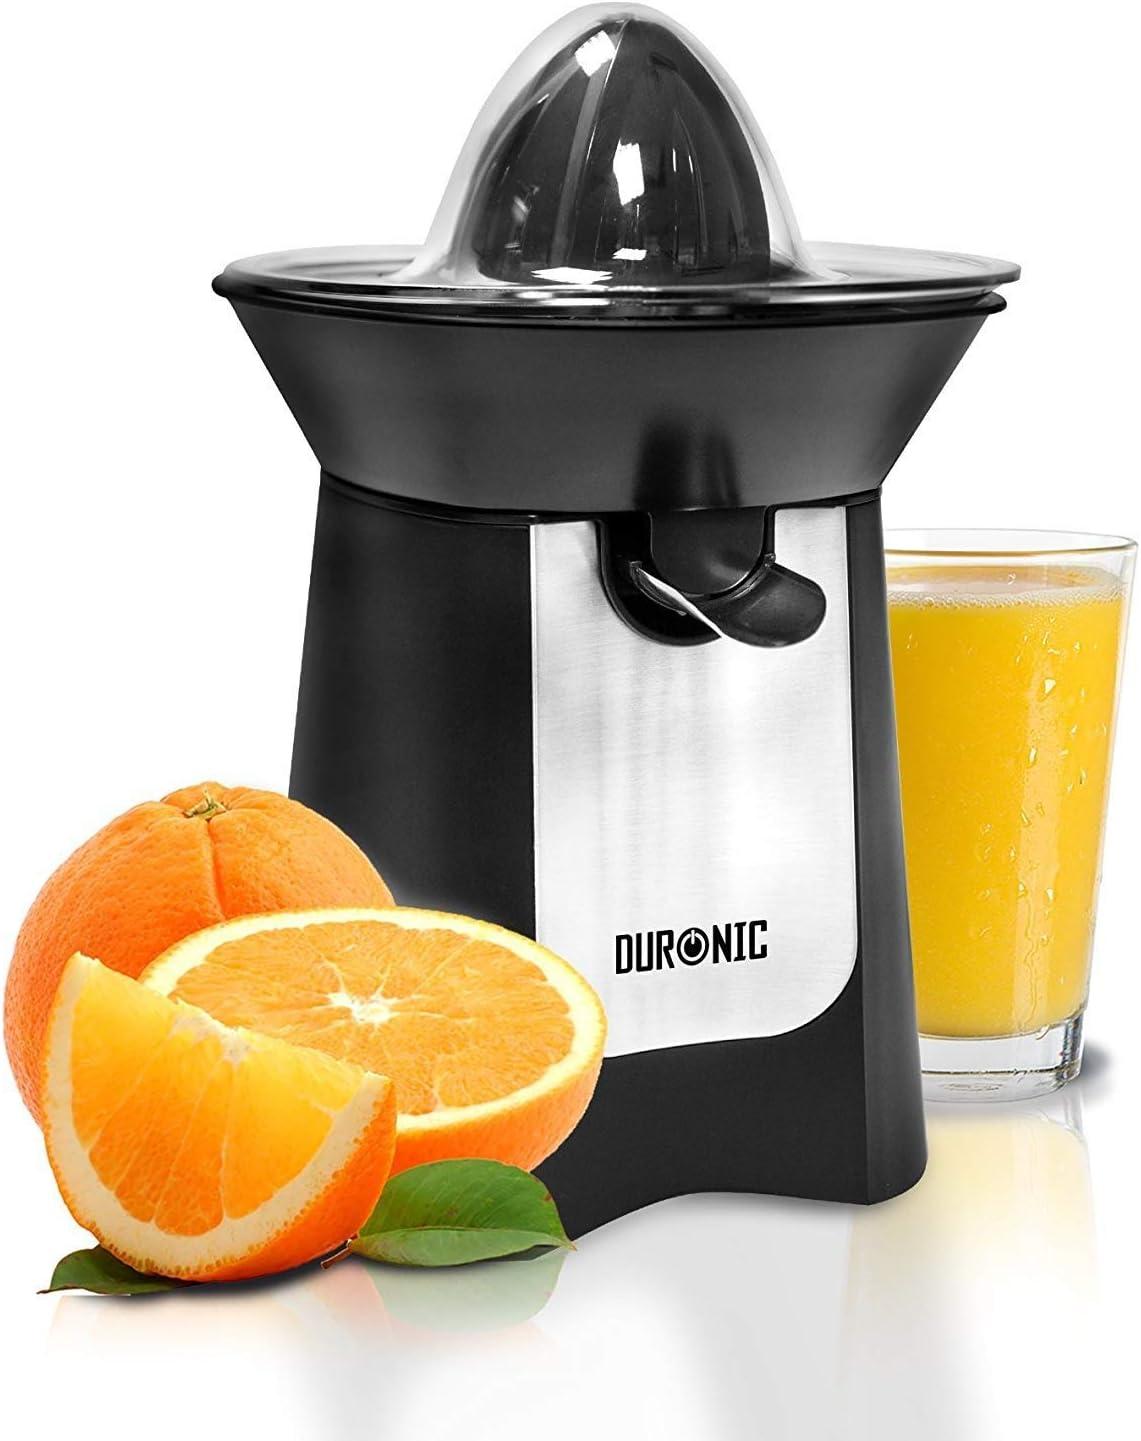 Id/éal pour jus dagrumes tels que les oranges et citrons Bec verseur Presse-agrume /électrique compact en inox de 100W Reconditionn/é Duronic JE6 //BK 2 C/ônes interchangeables